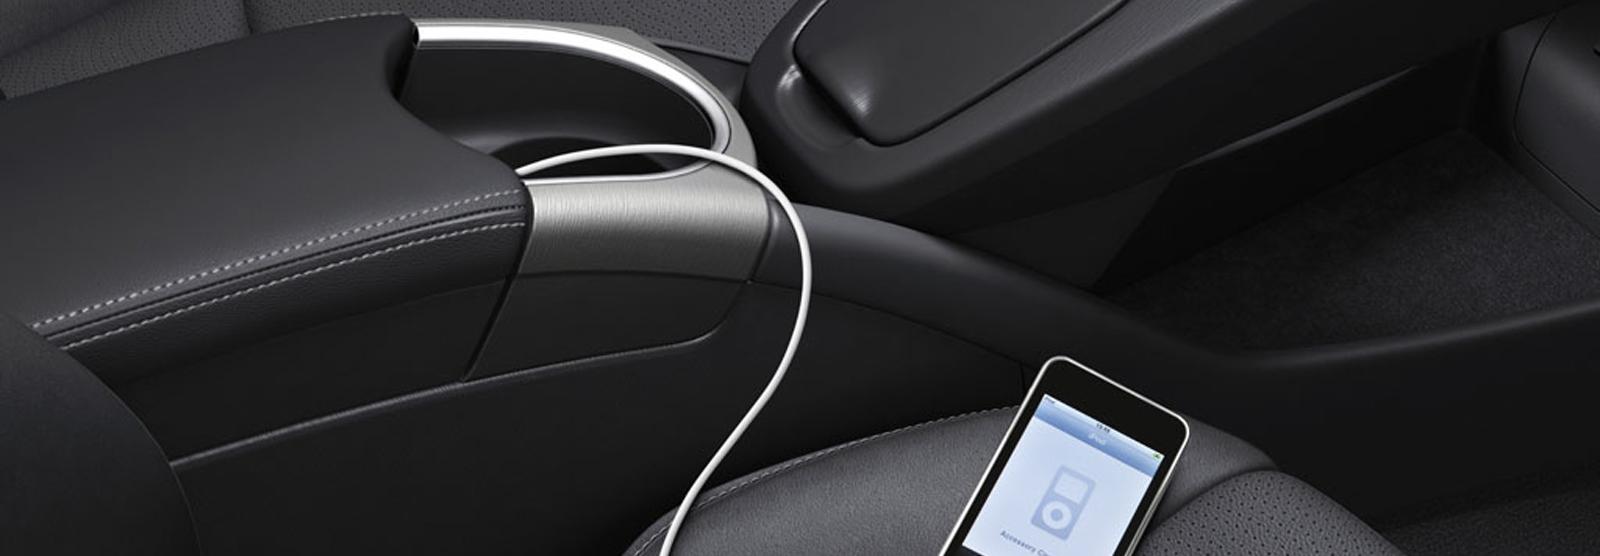 prius-interior15